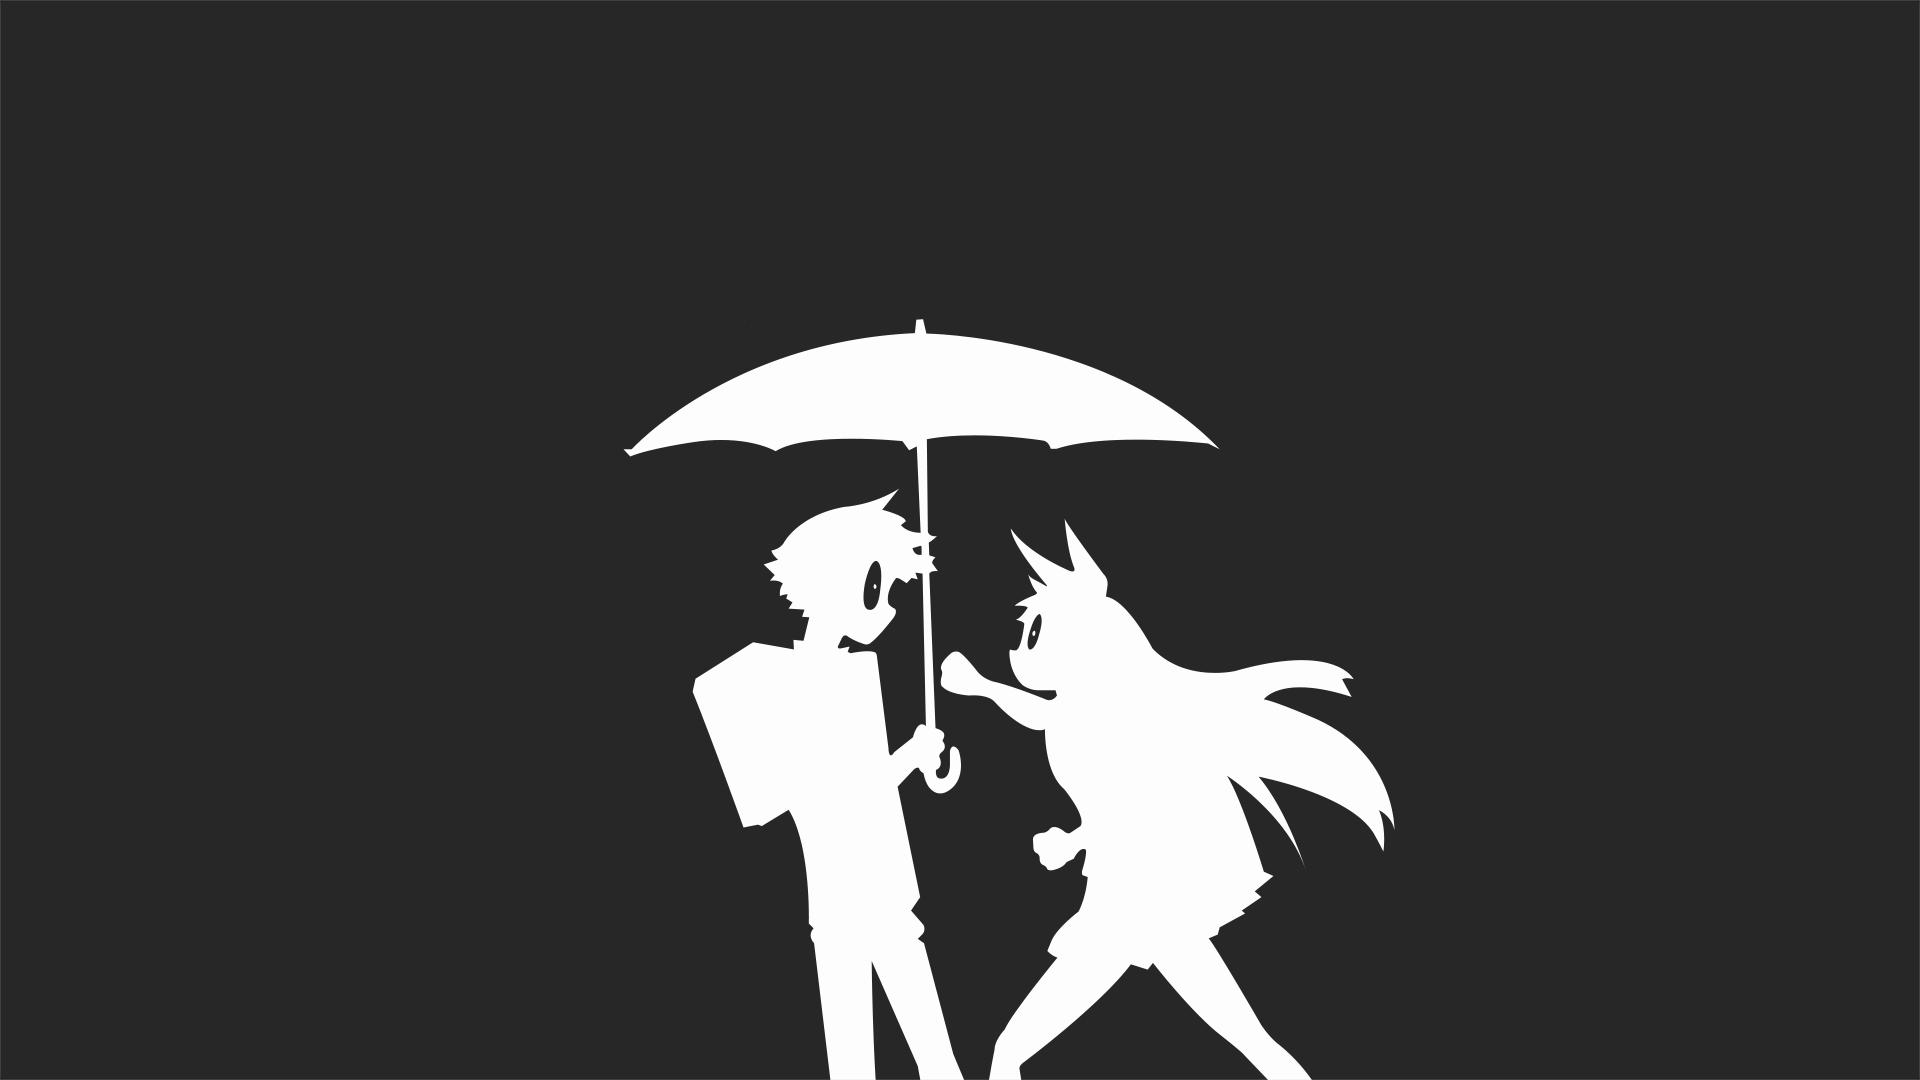 Fondos De Pantalla : Ilustración, Anime, Chicas Anime